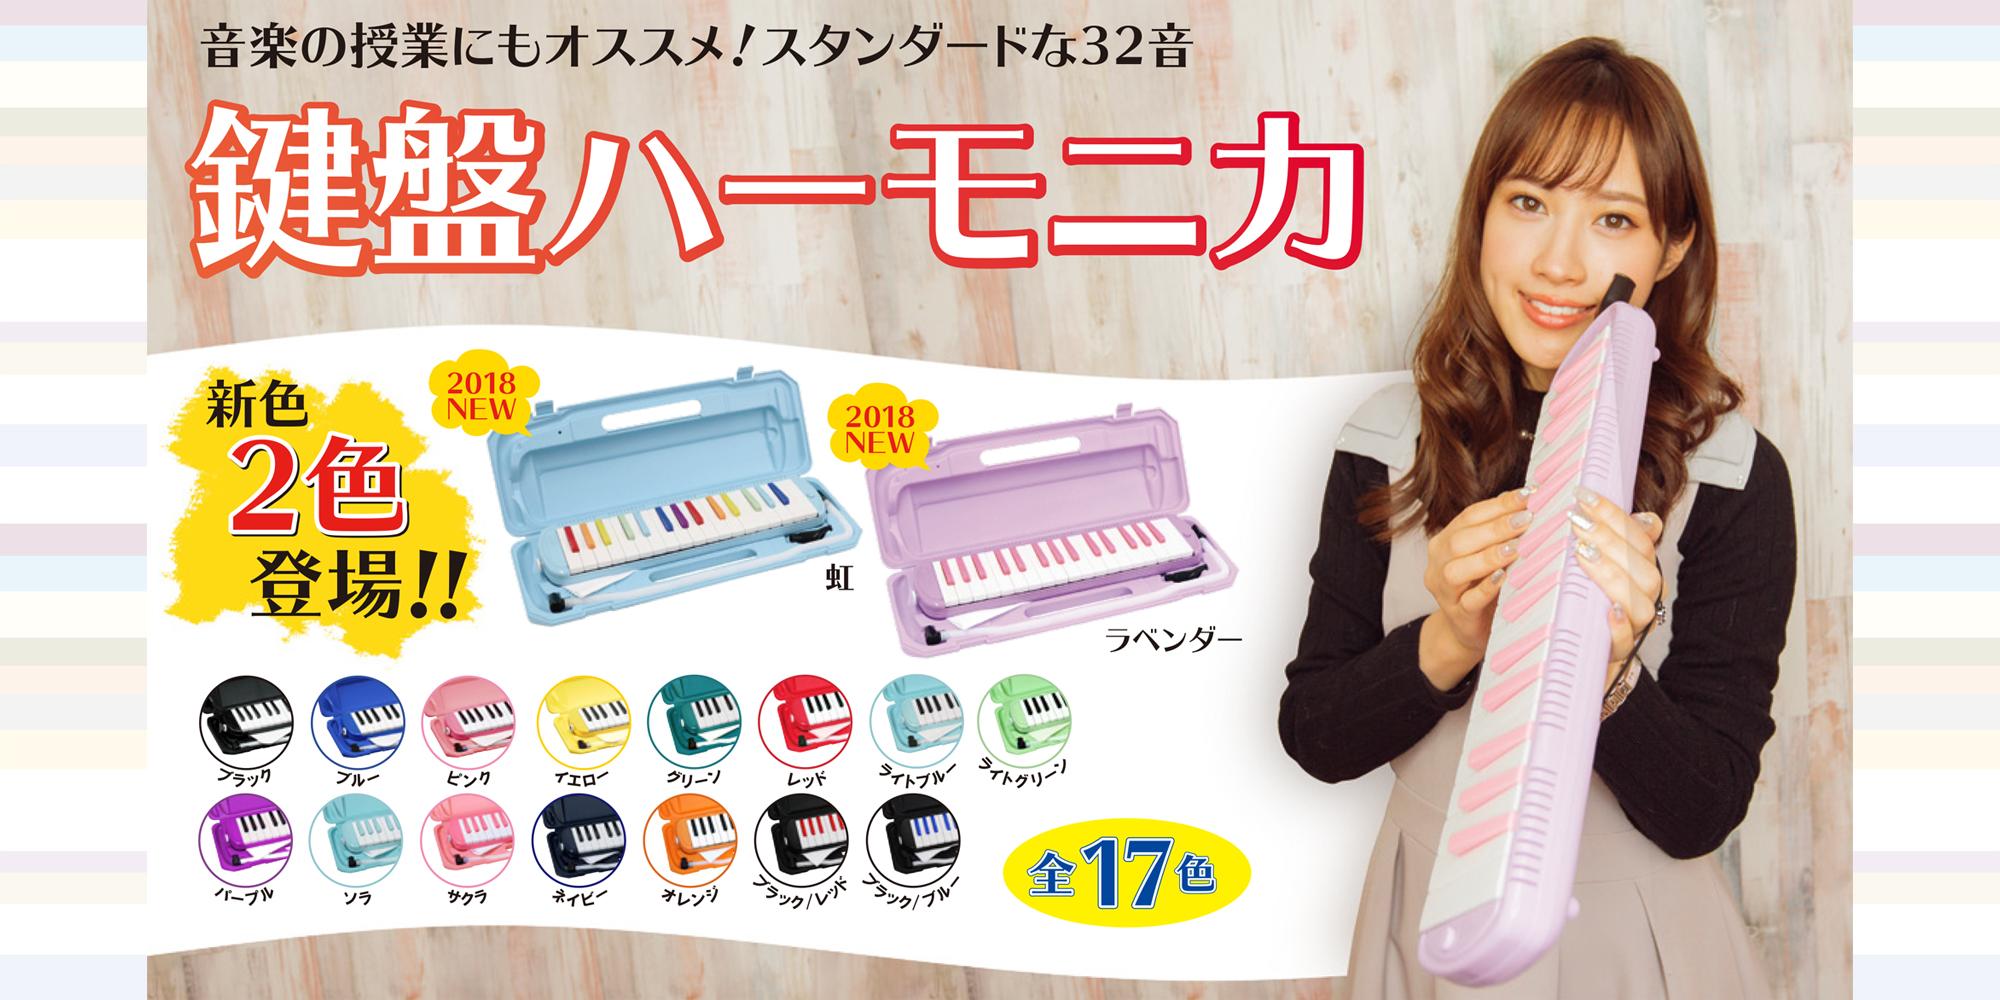 鍵盤ハーモニカ P3001-32K 新色登場!